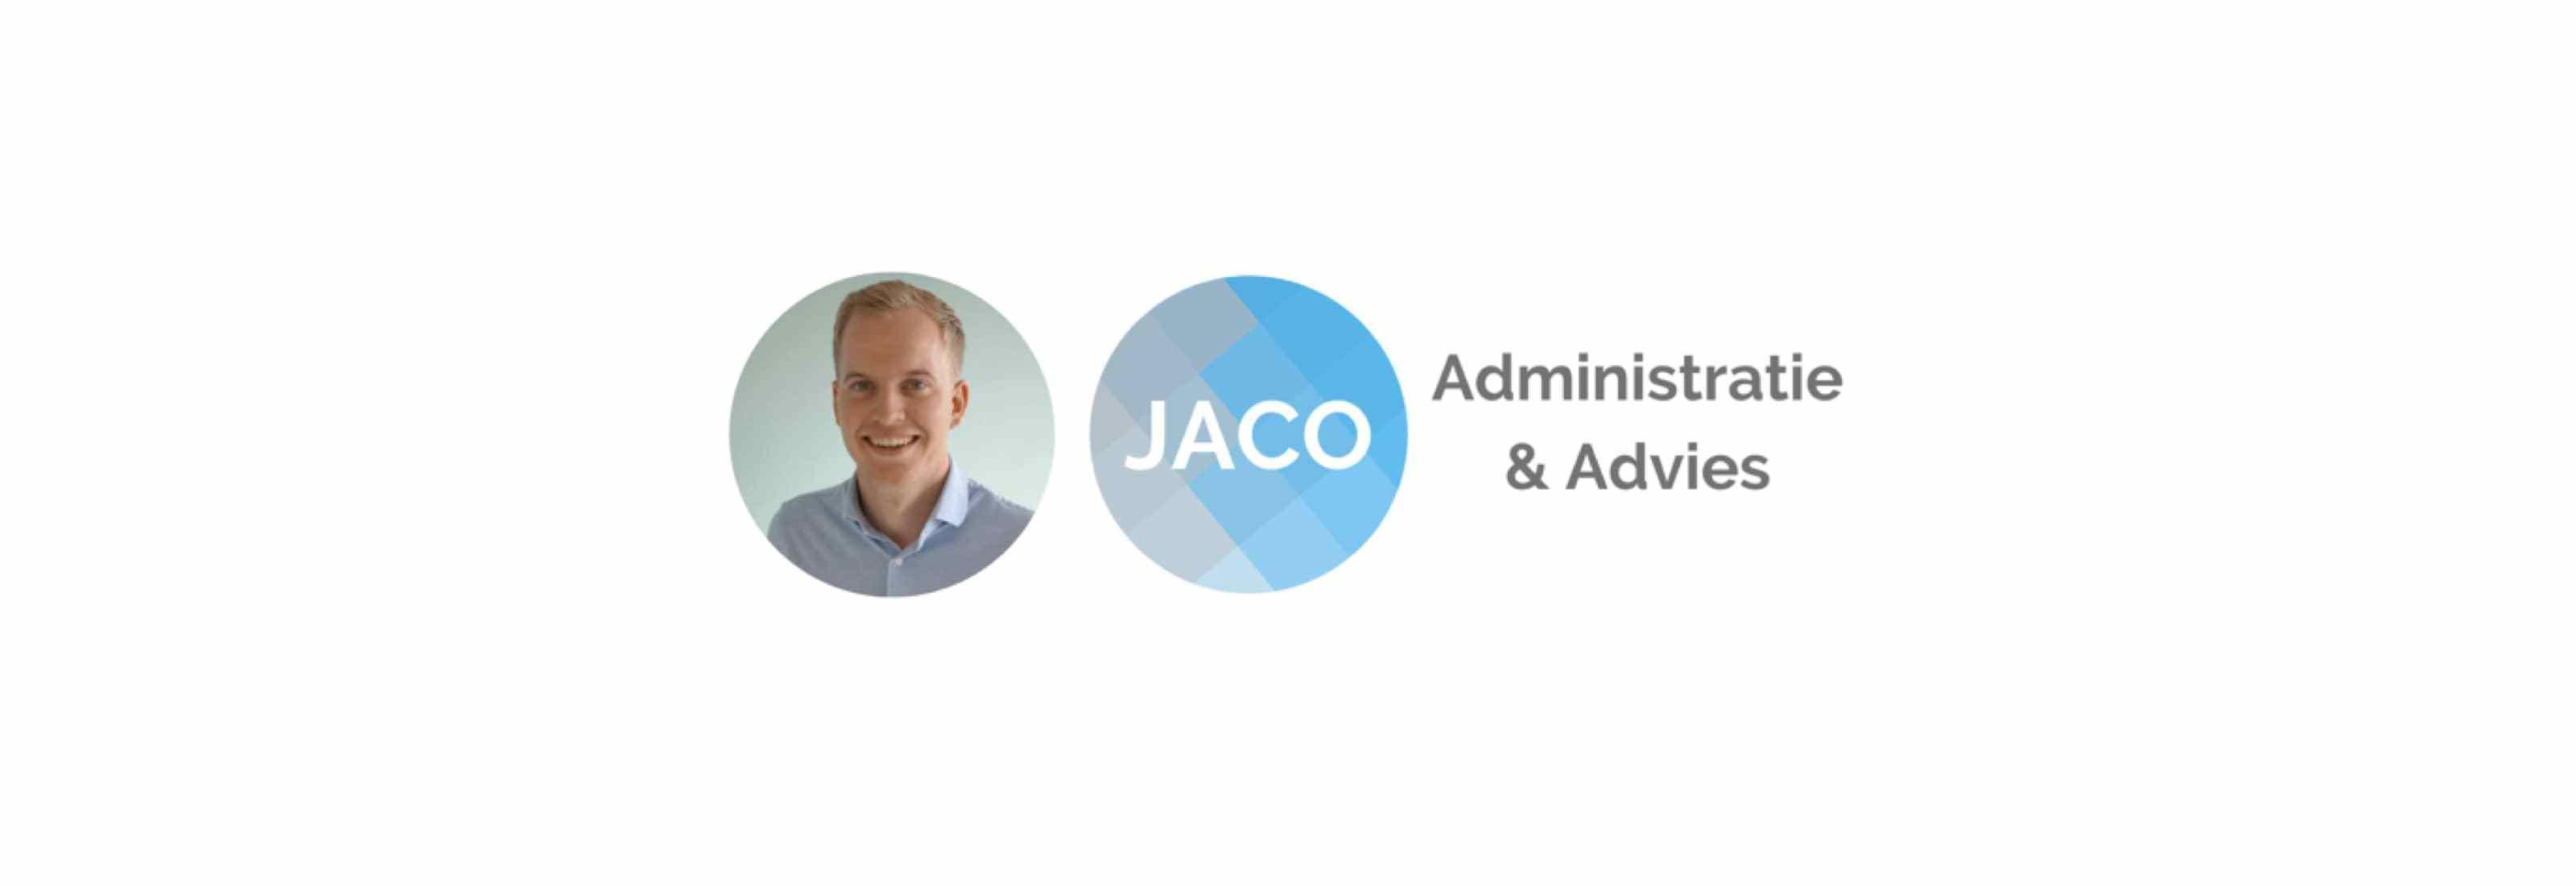 JACO Administratie & Advies - Administratiekantoor en adviesbureau in Hooglanderveen